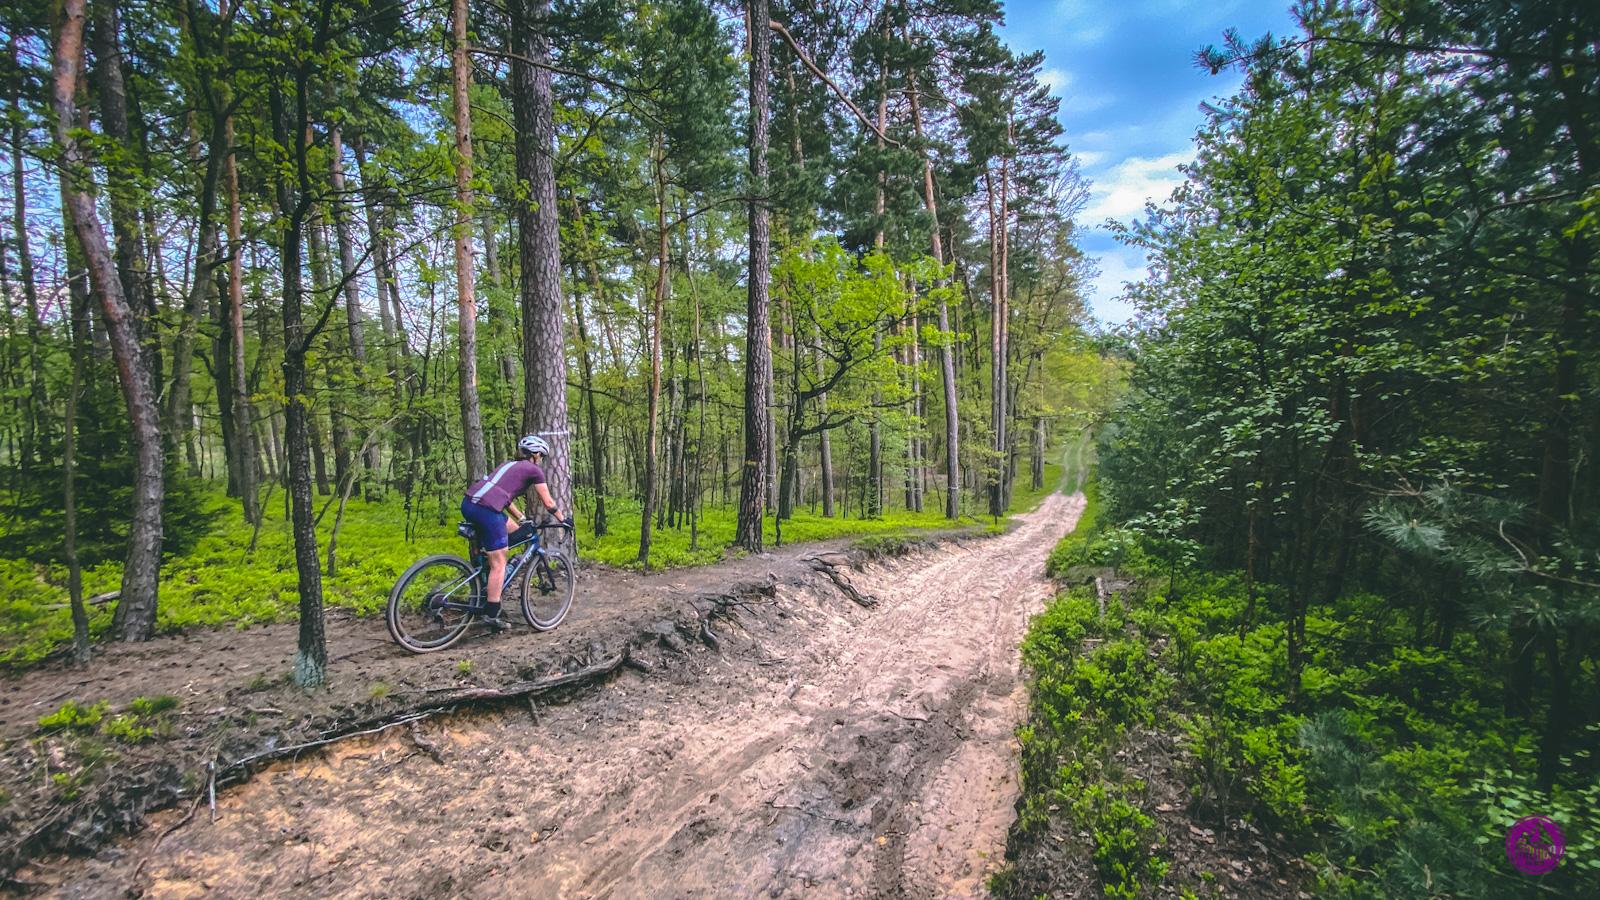 Szlak rowerowy Leśno Rajza